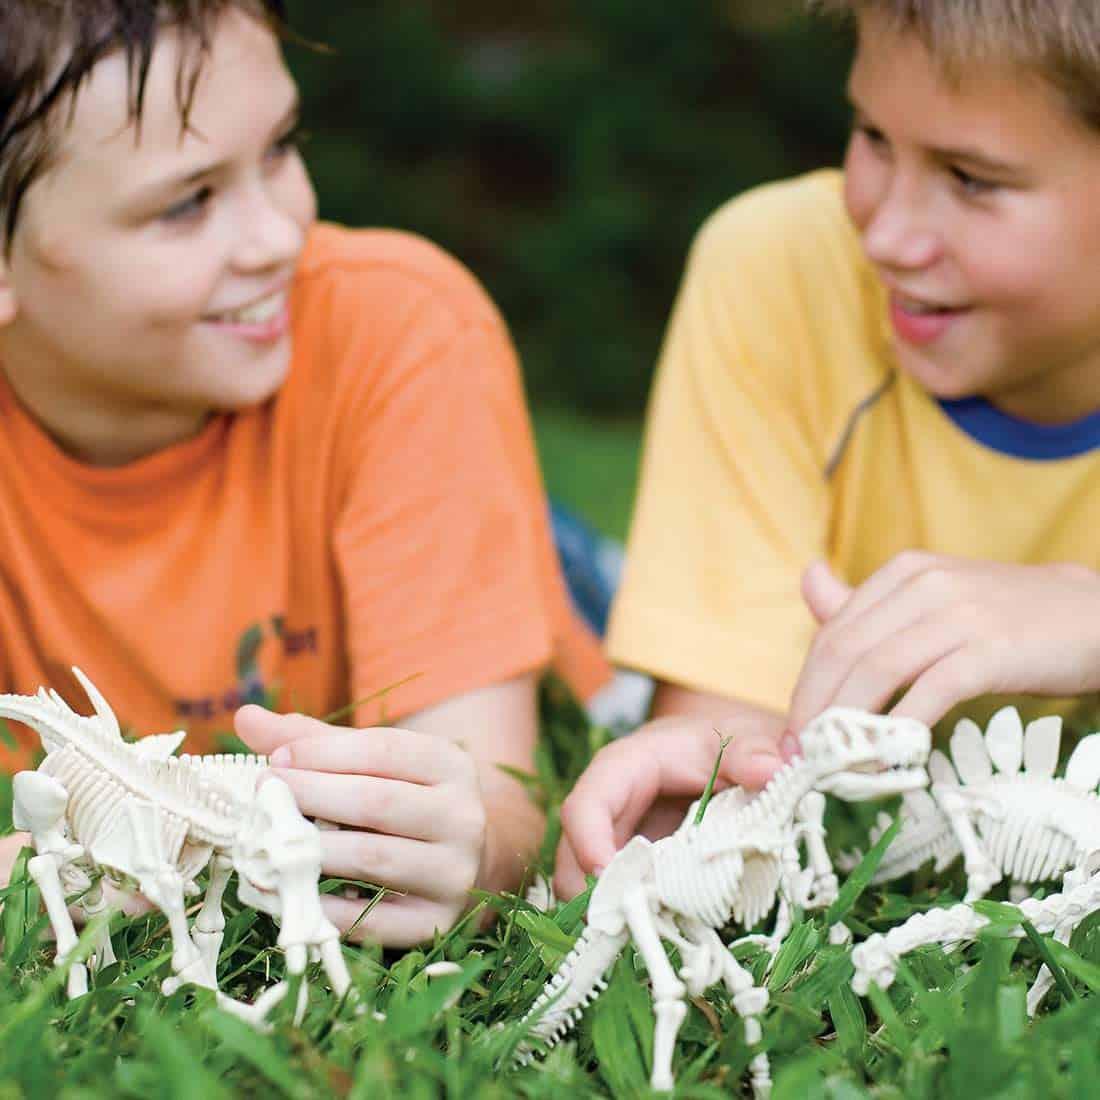 חפירת שלד דינוזאור ילדים משחקים